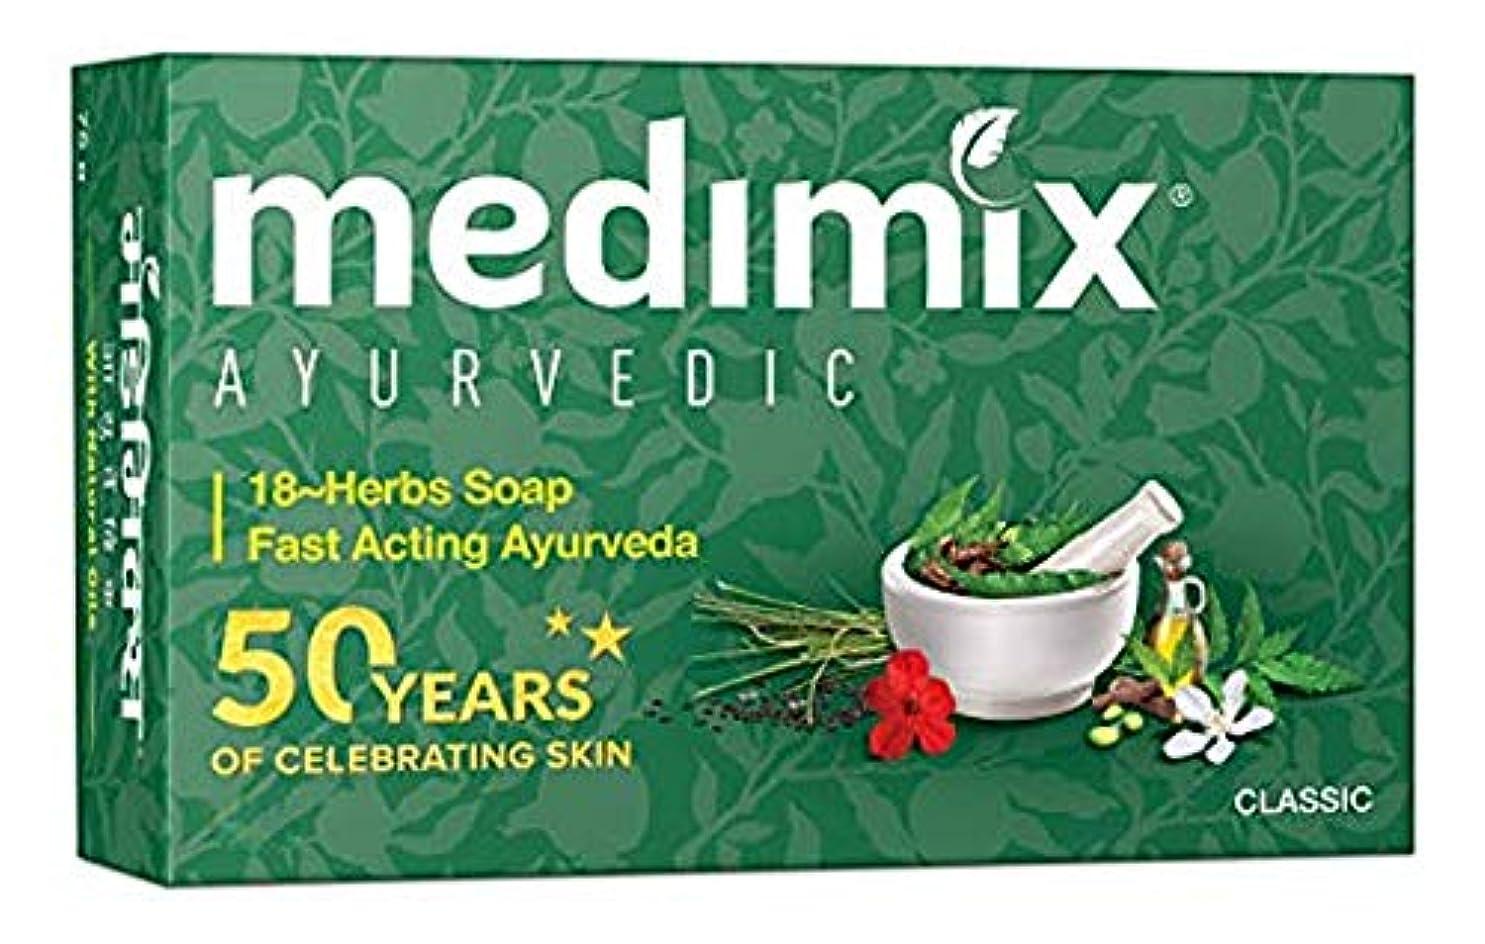 野望事前にラジエーターMEDIMIX メディミックス アーユルヴェーダ石鹸 18ハーブス20個セット(medimix classic 18-HERB AYURVEDA) 125g